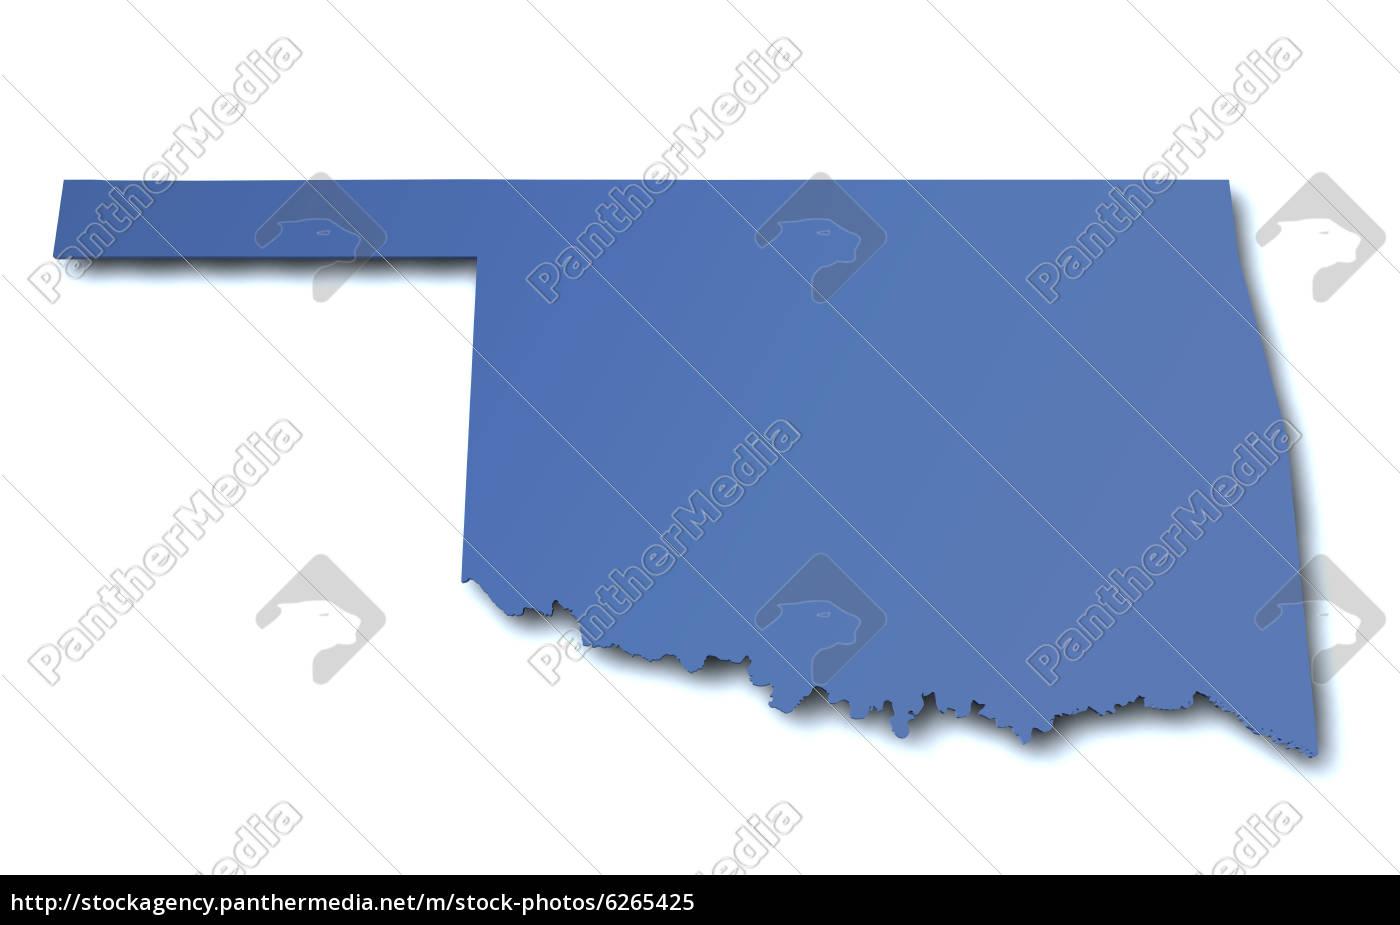 Stockfoto 6265425 - Karte von Oklahoma USA